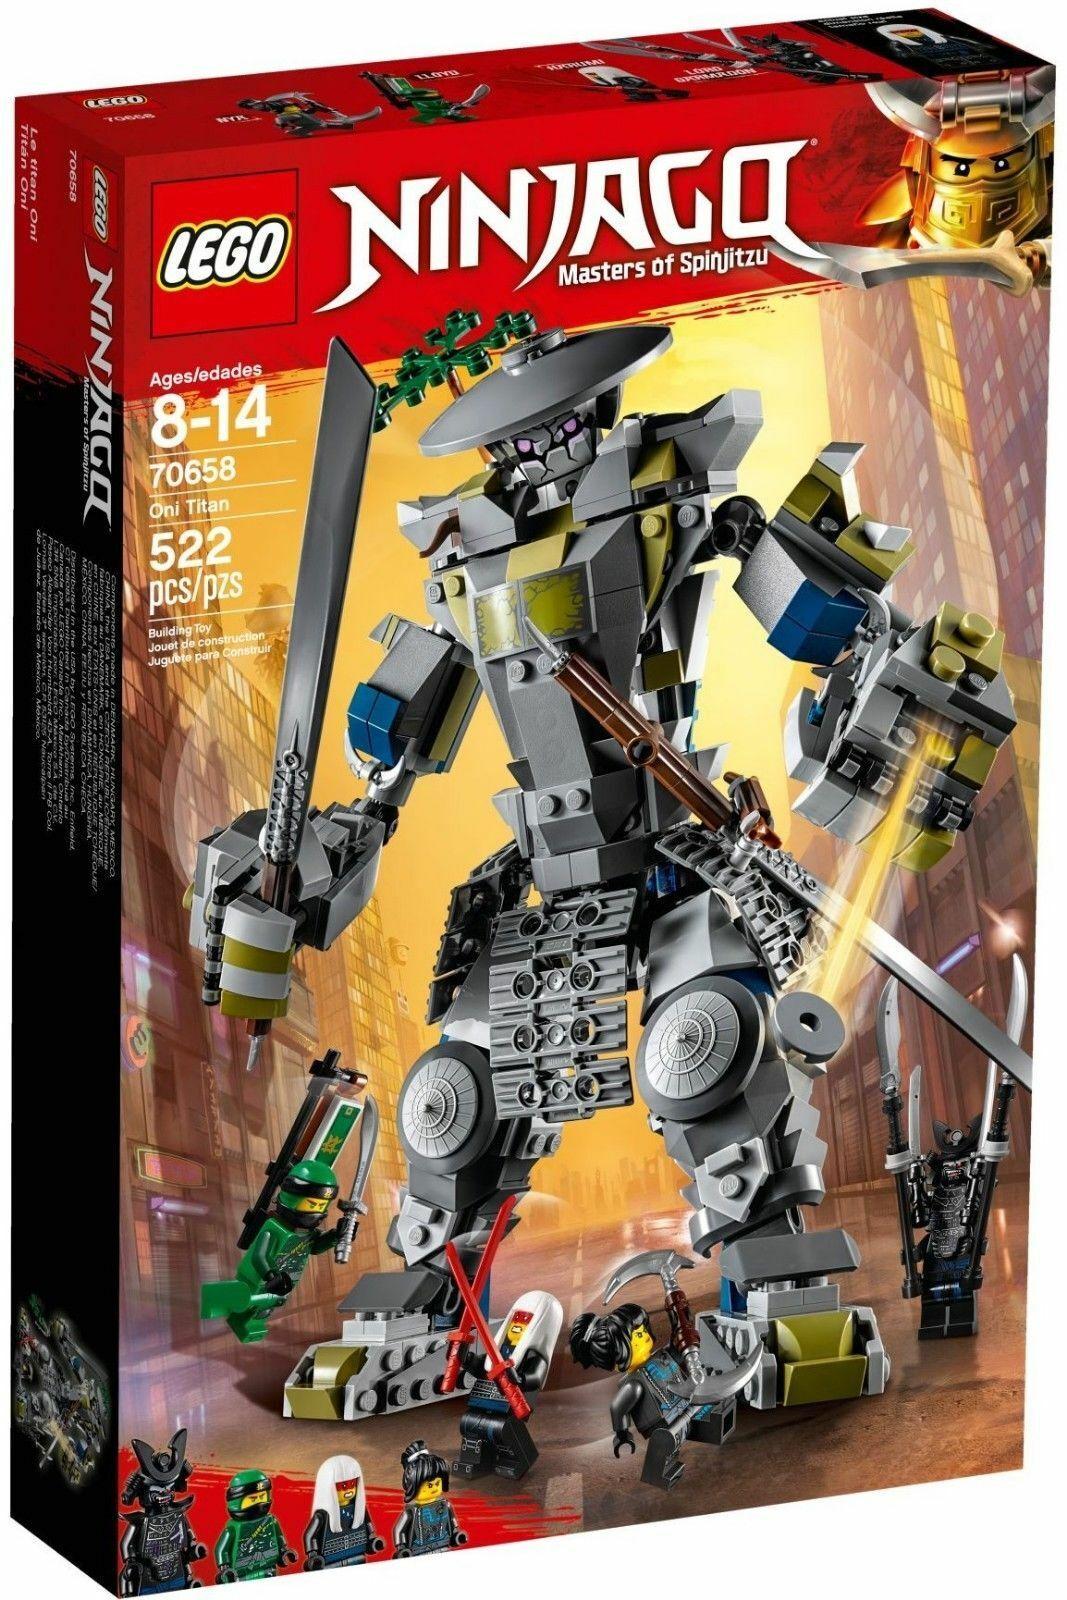 Miglior prezzo LEGO ® Ninjago ® 70658  taceva-Titan  esclusivo Set Set Set Nuovo Scatola Originale nuovo MISB  più sconto